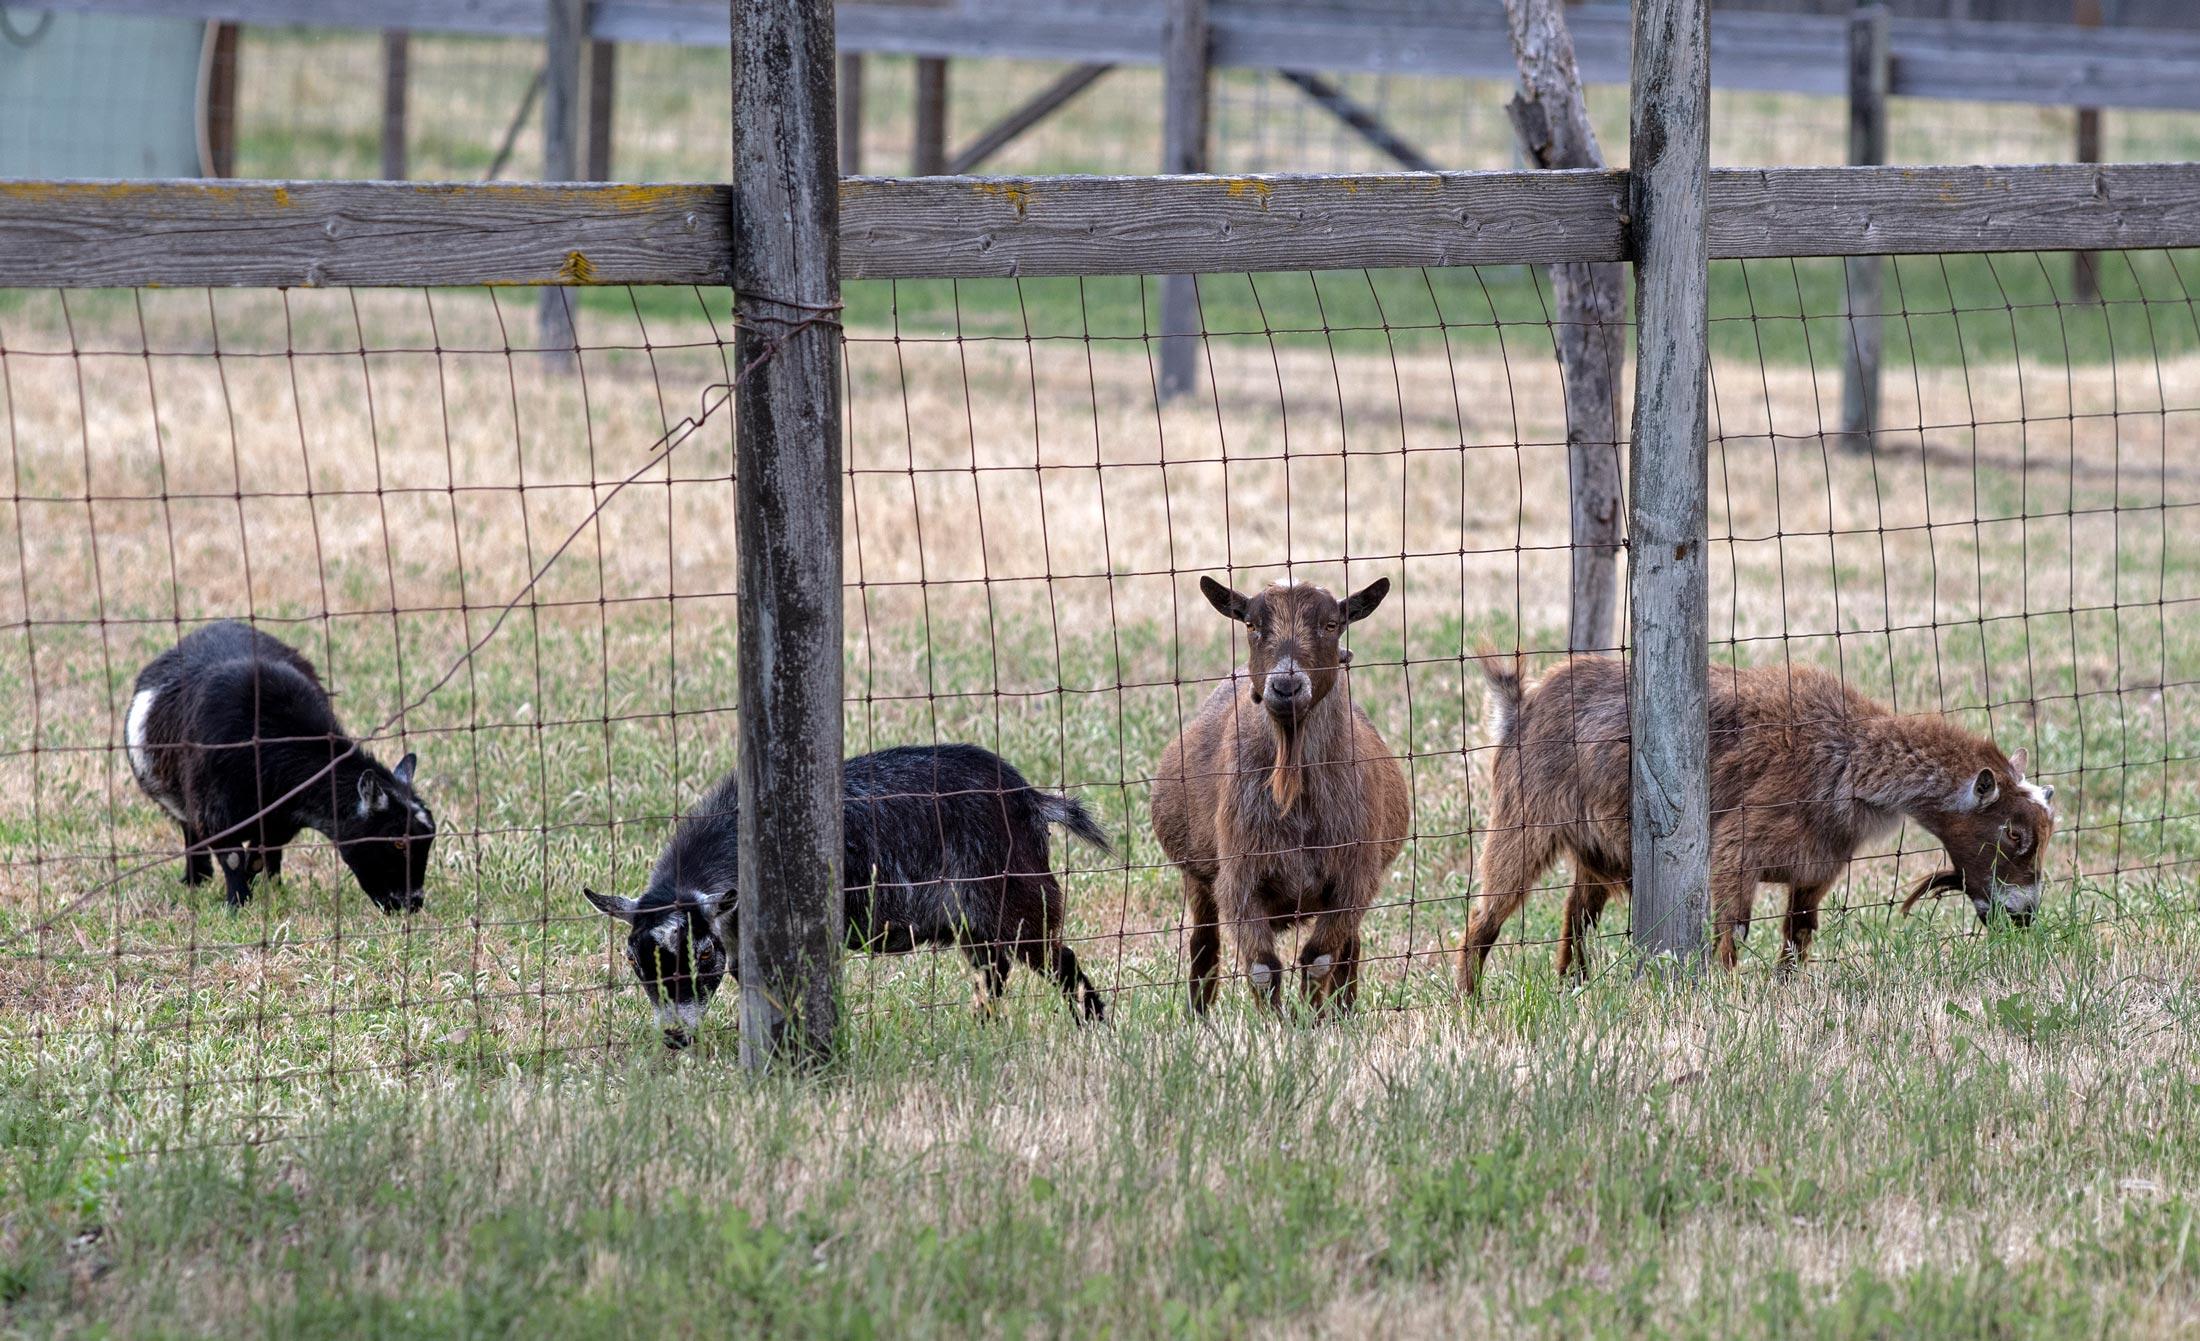 rd_goats_8108376